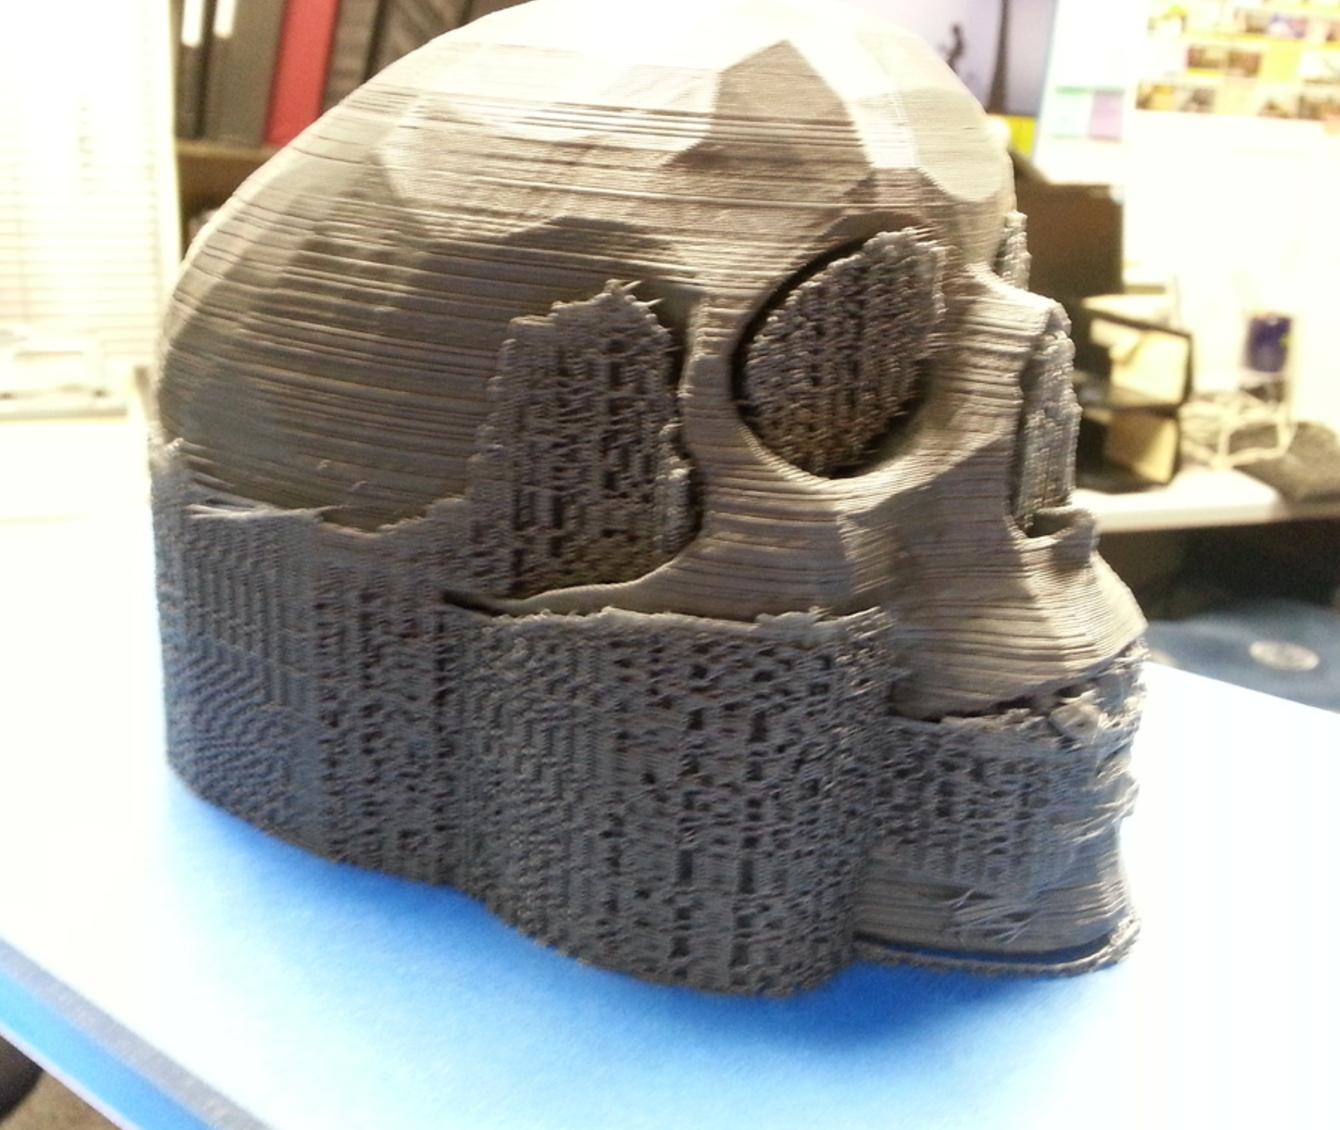 Capture d'écran 2017-07-26 à 11.30.48.png Download free STL file Human Skull • 3D print model, JamieLaing